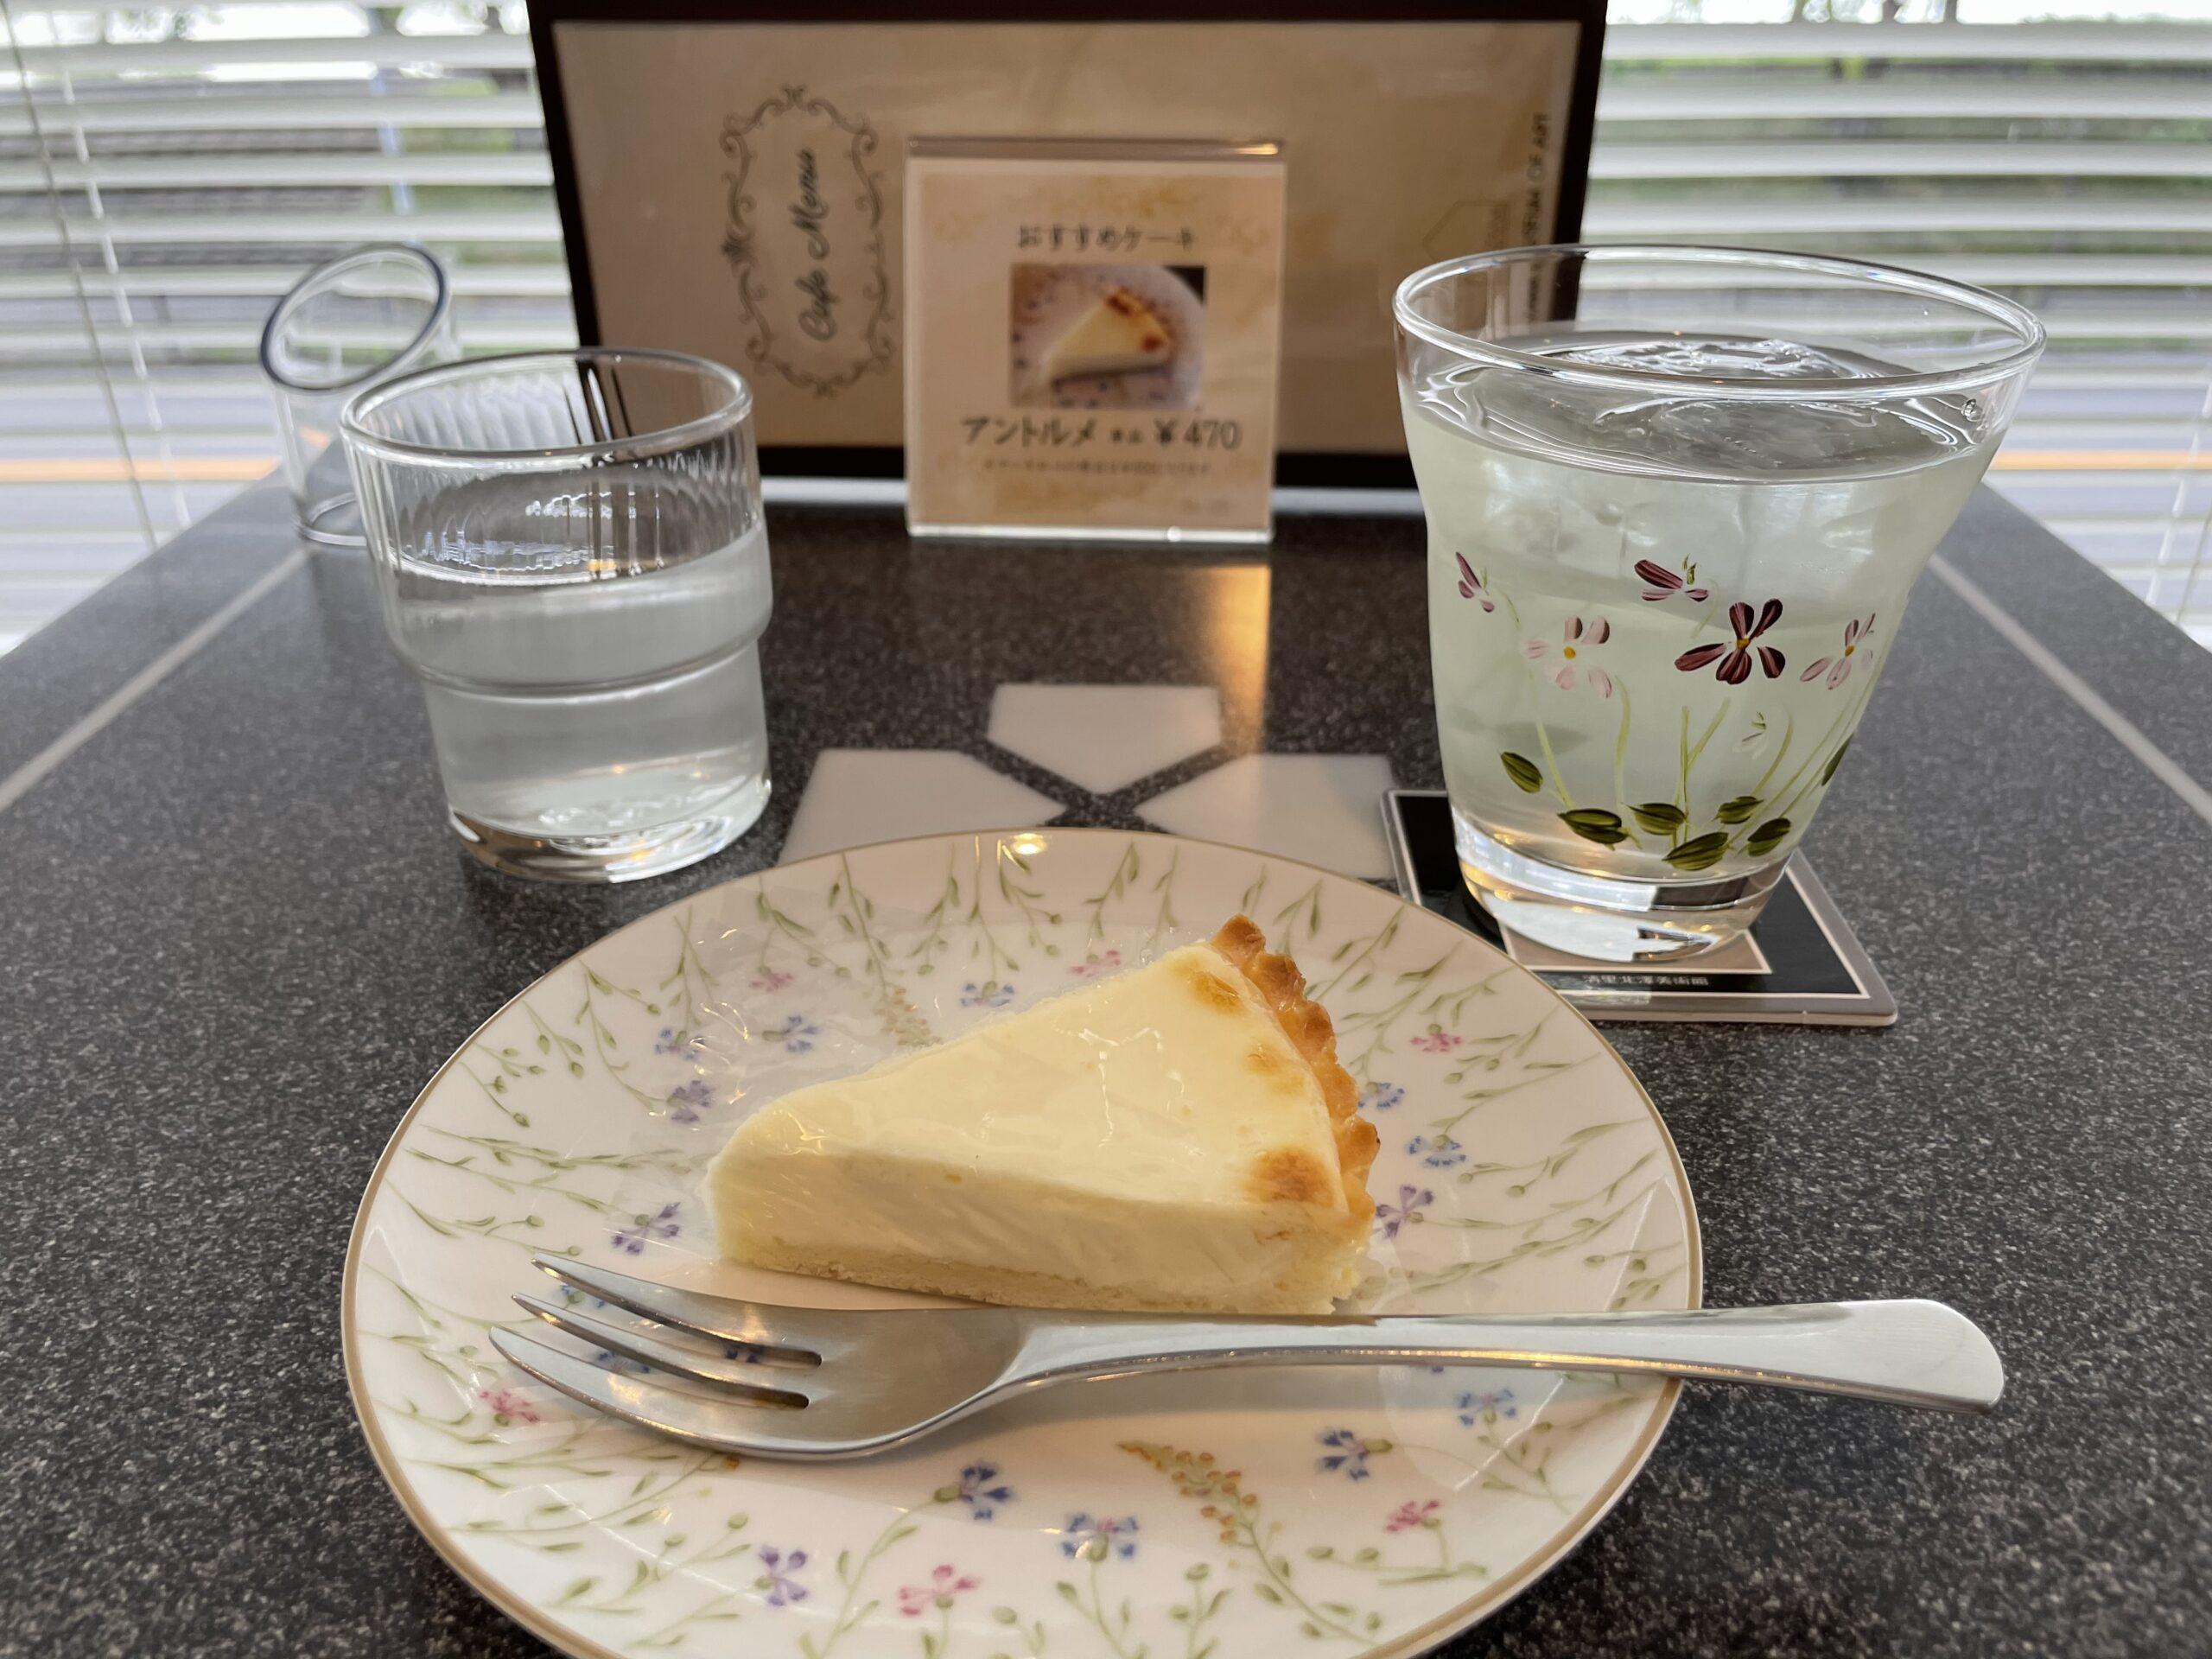 北澤美術館喫茶室のケーキセット